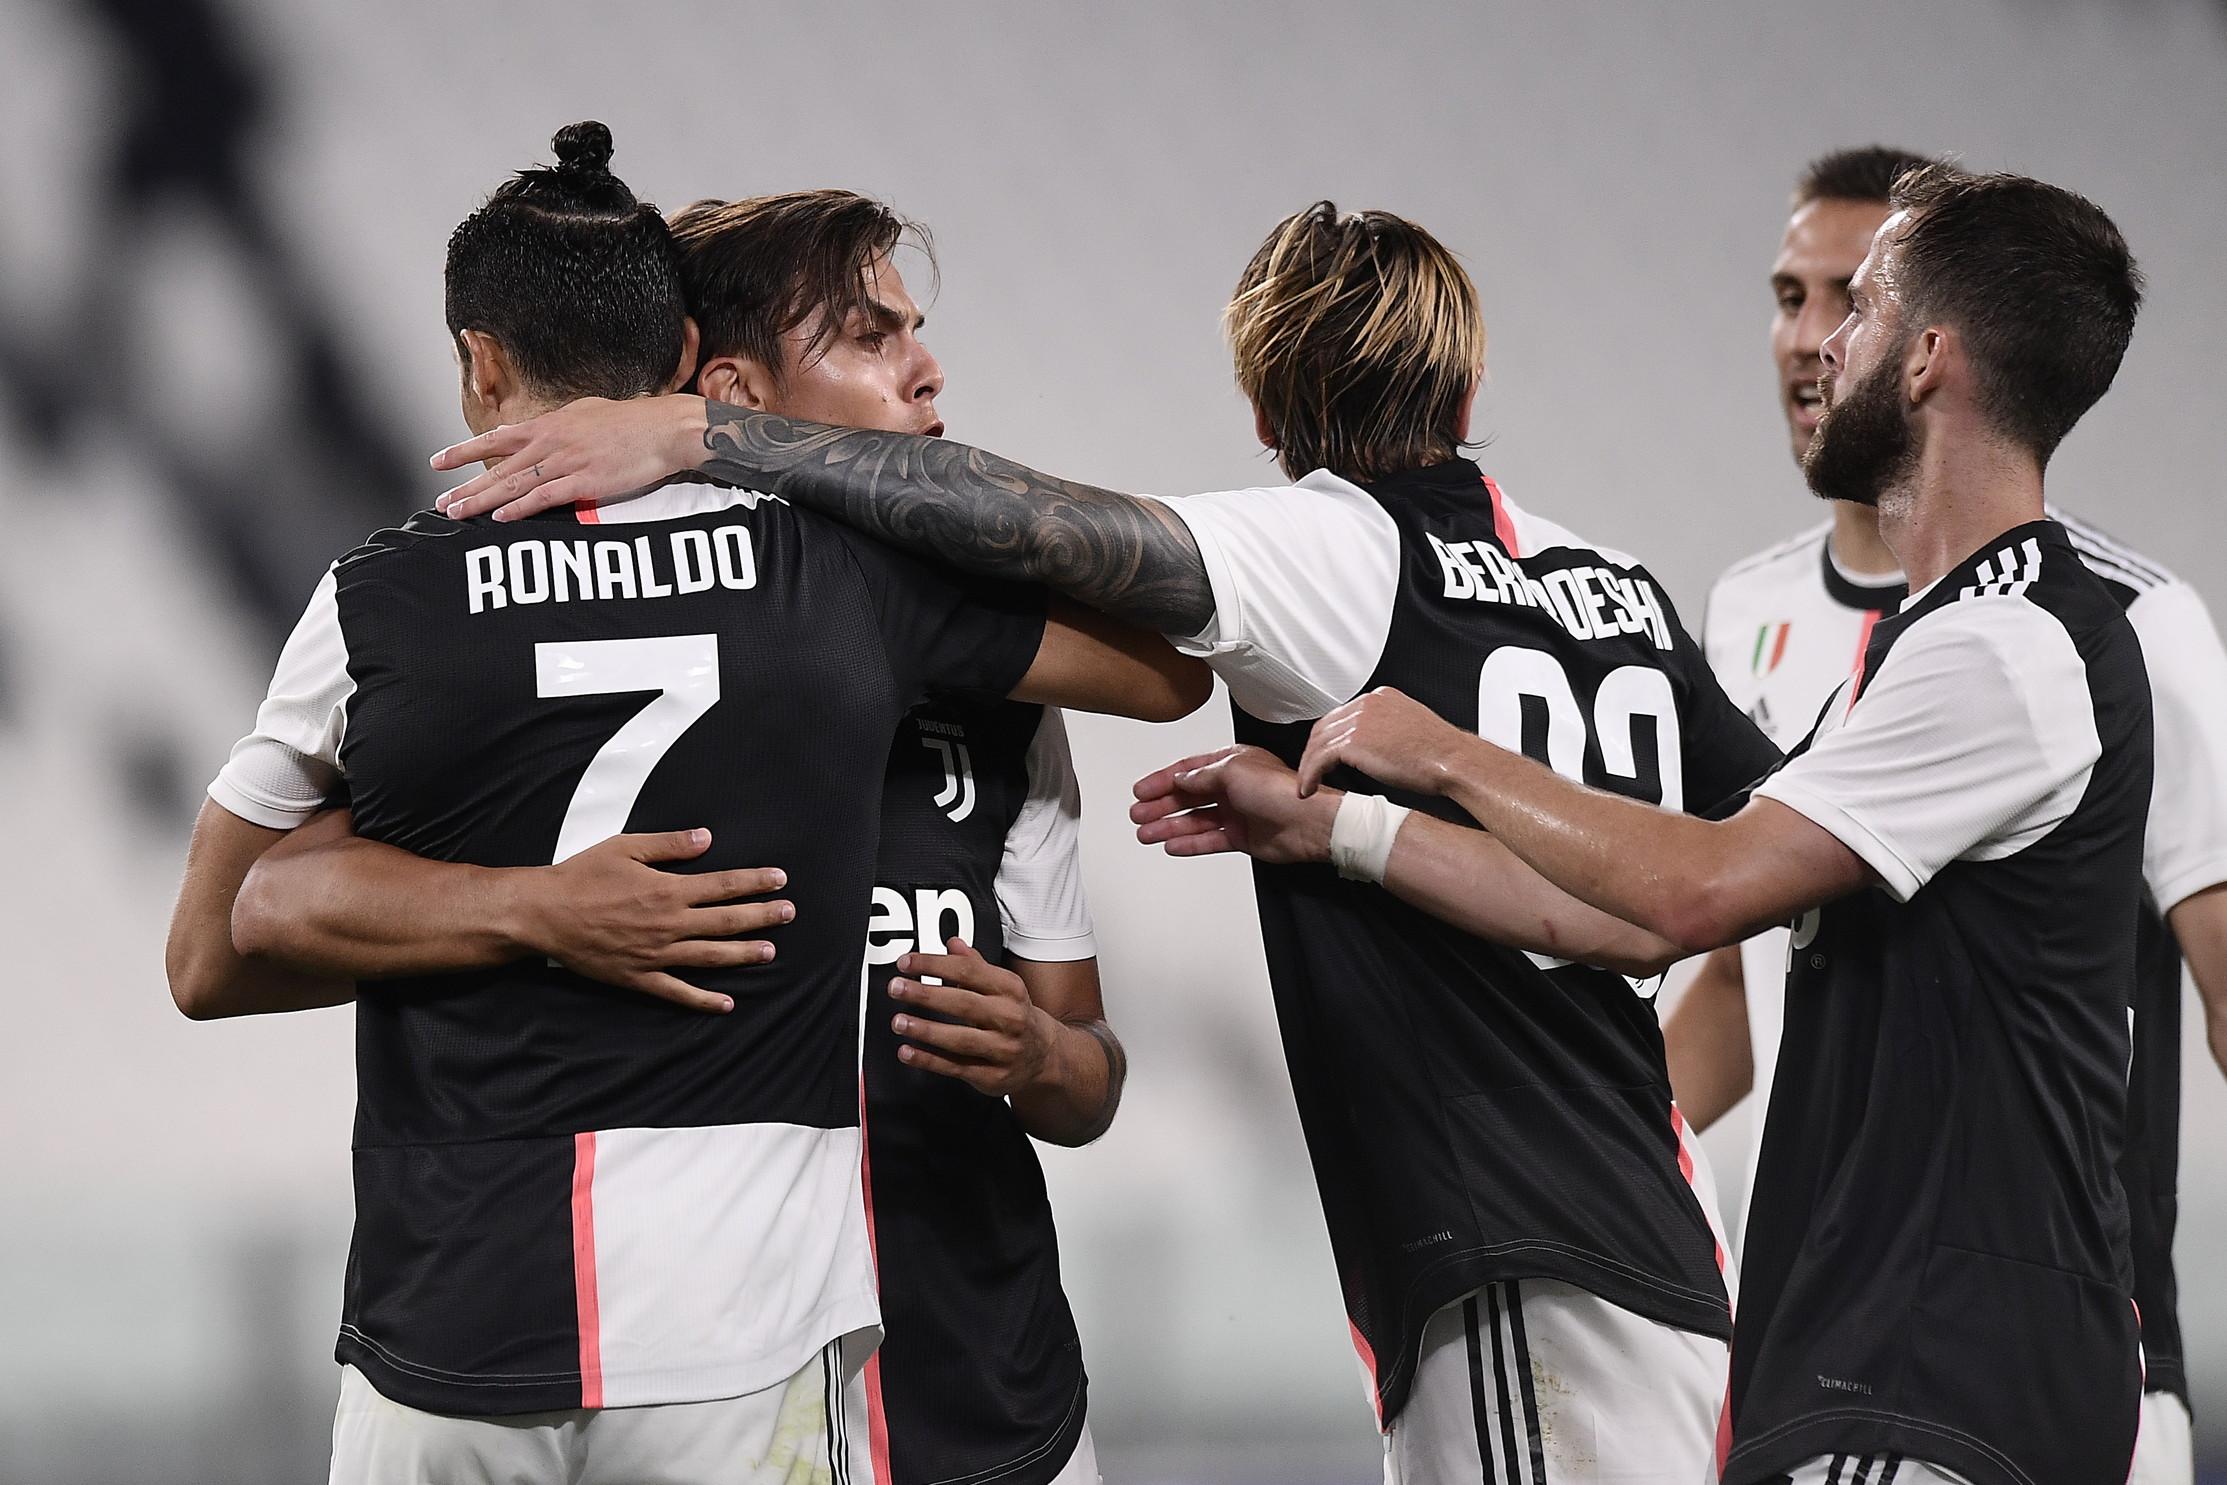 Nel primo anticipo della 28a giornata di Serie A, la Juve batte 4-0 il Lecce e si porta a +7 sulla Lazio.